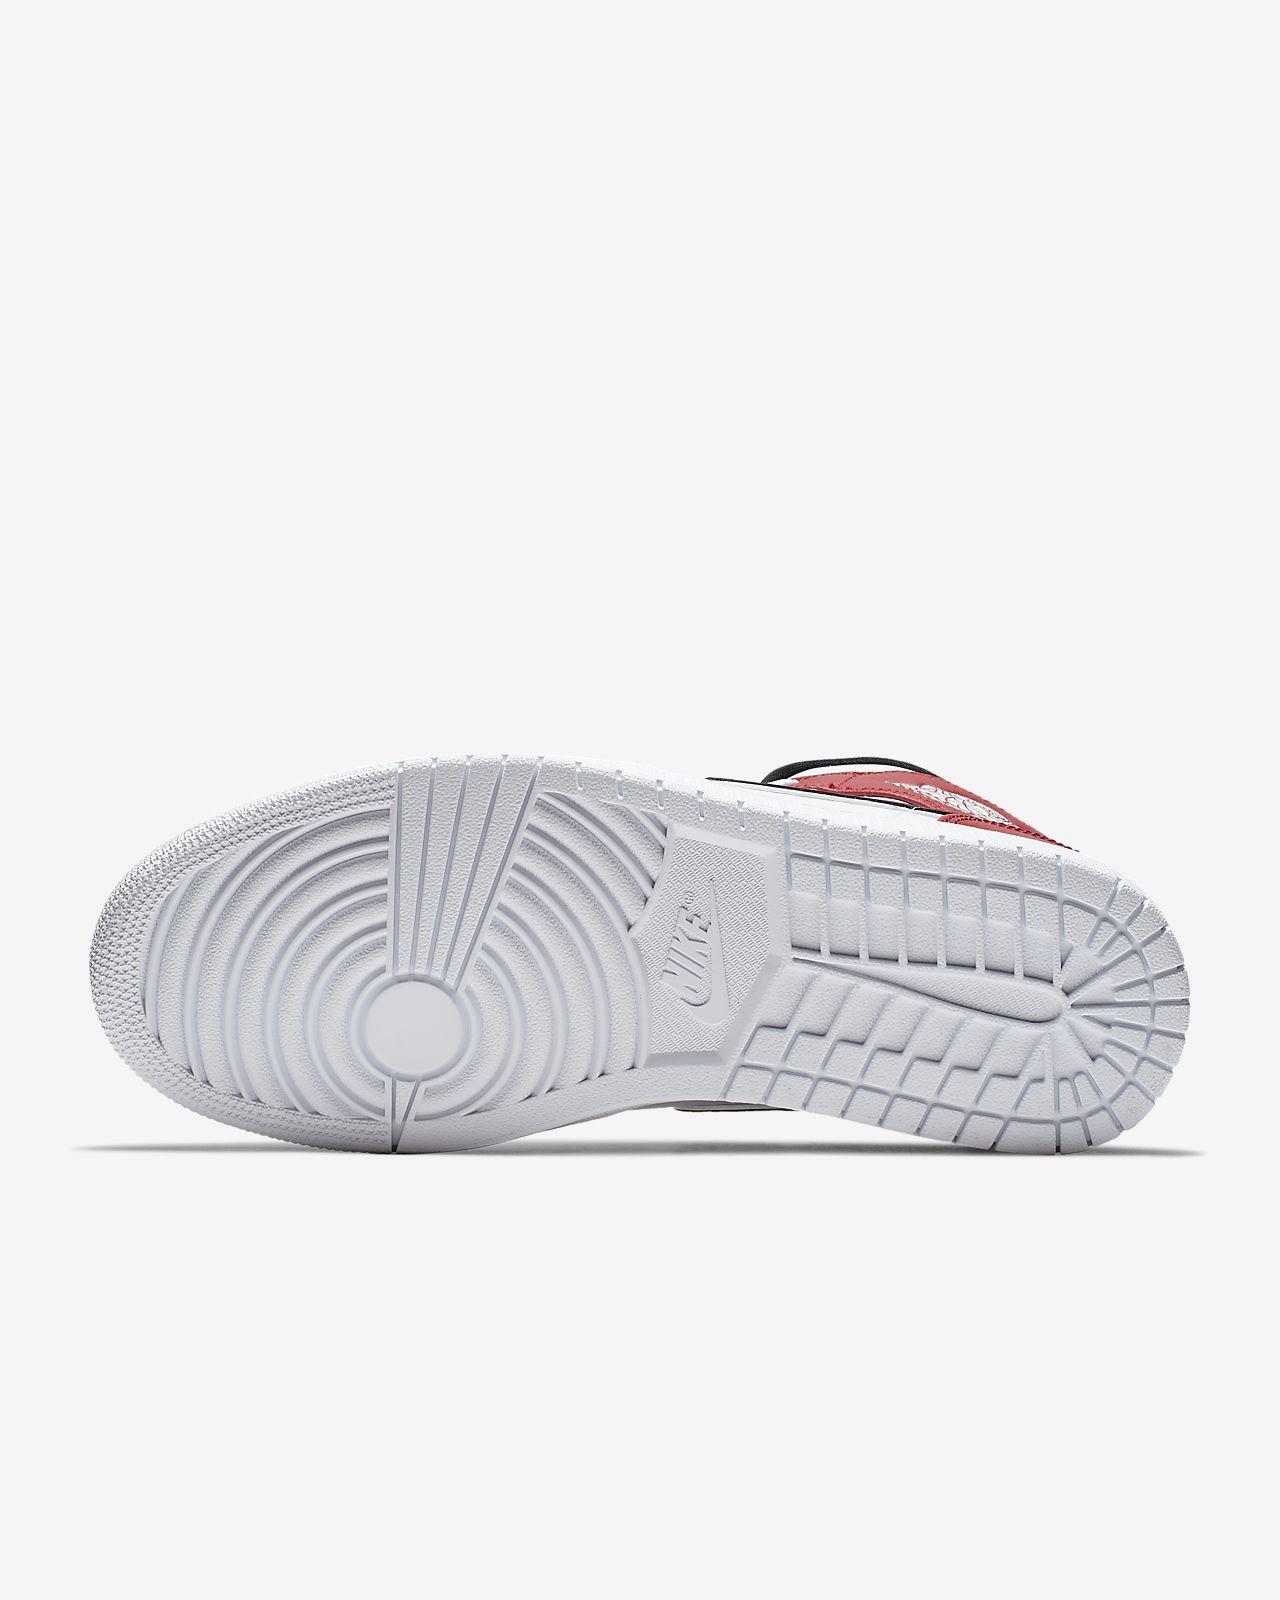 53734871a5 Air Jordan 1 Mid férficipő. Nike.com HU